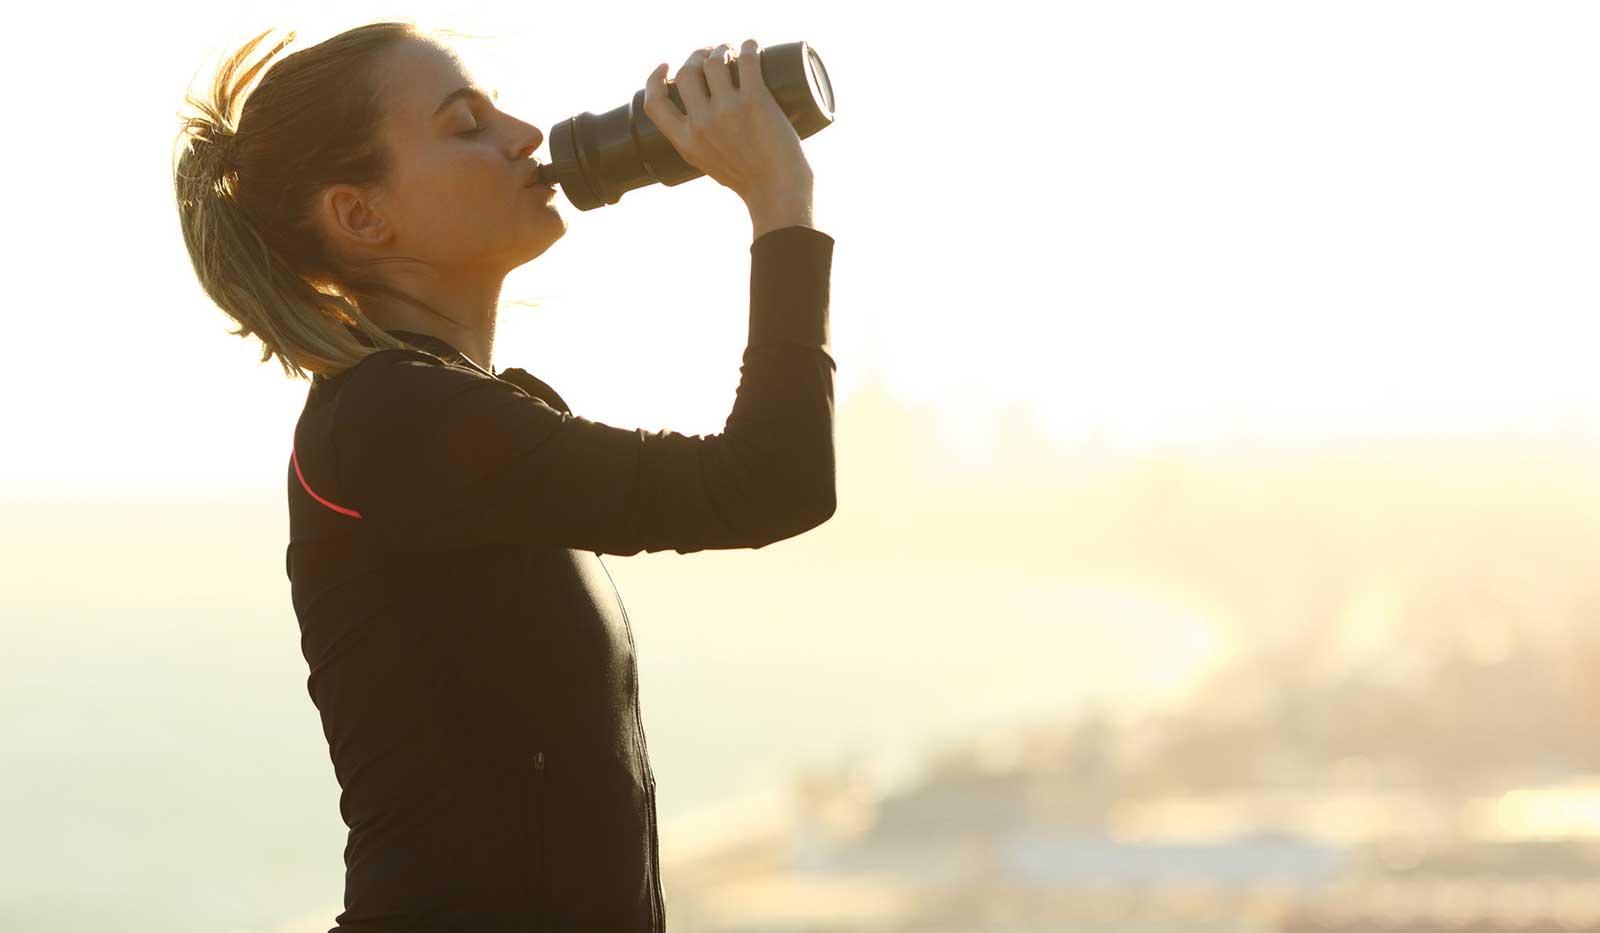 Frau in Sportklamotten trinkt aus Trinkflasche